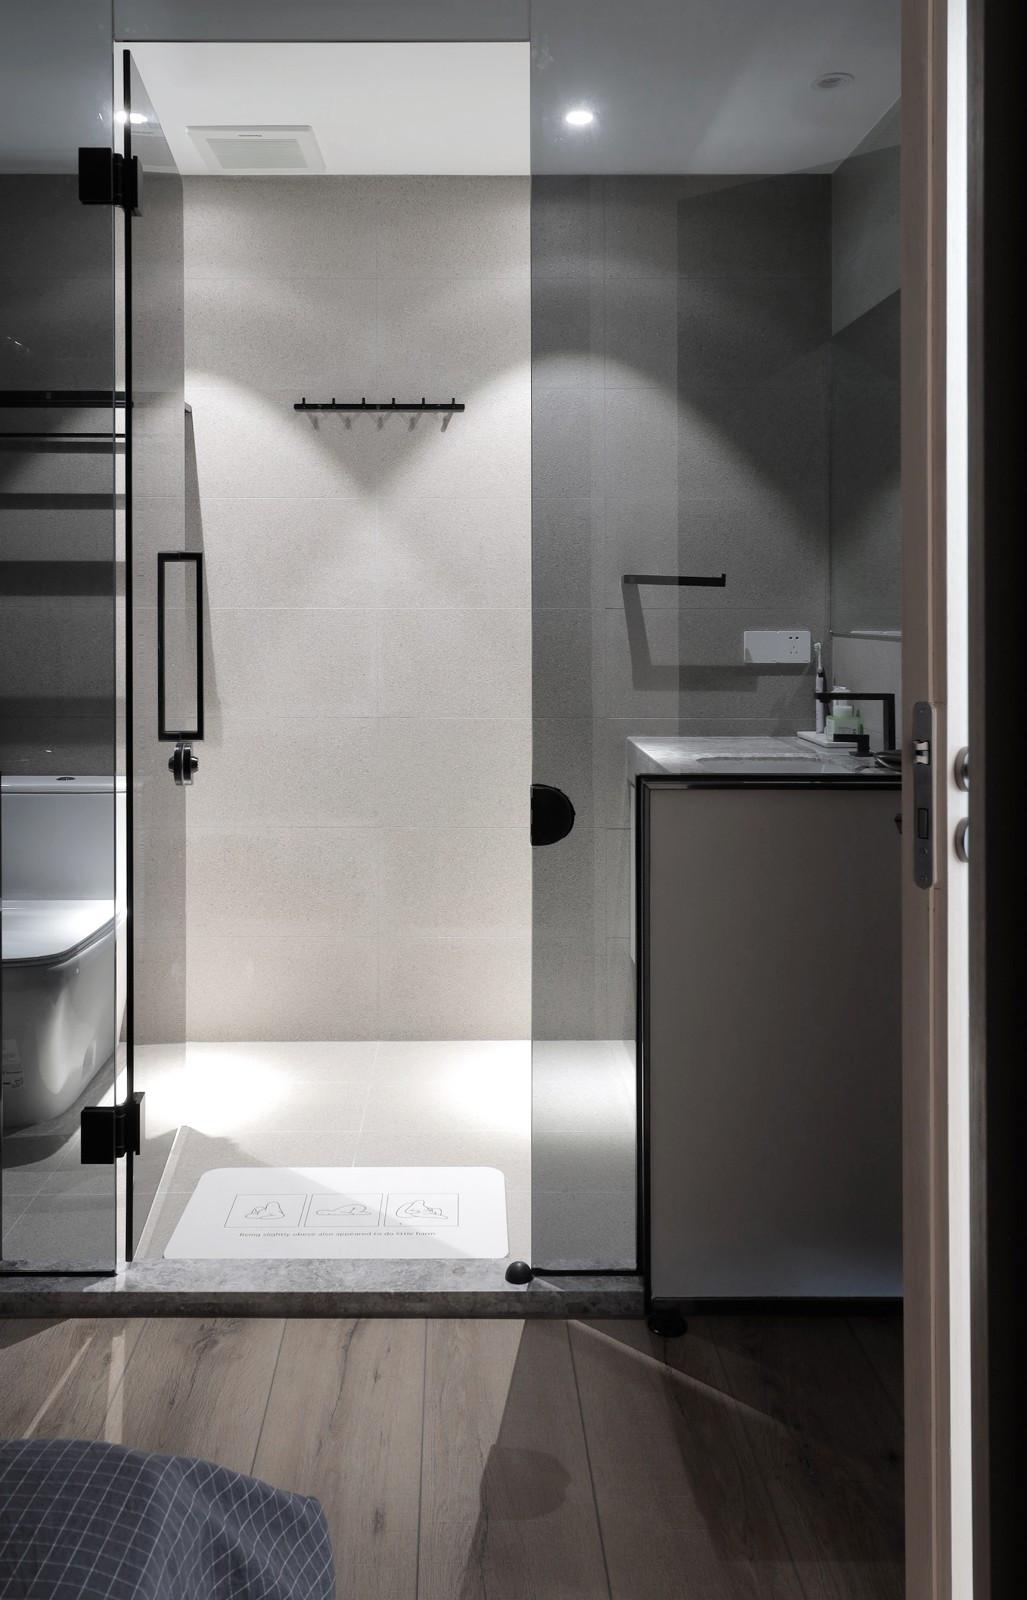 107㎡两居室卫生间装修效果图